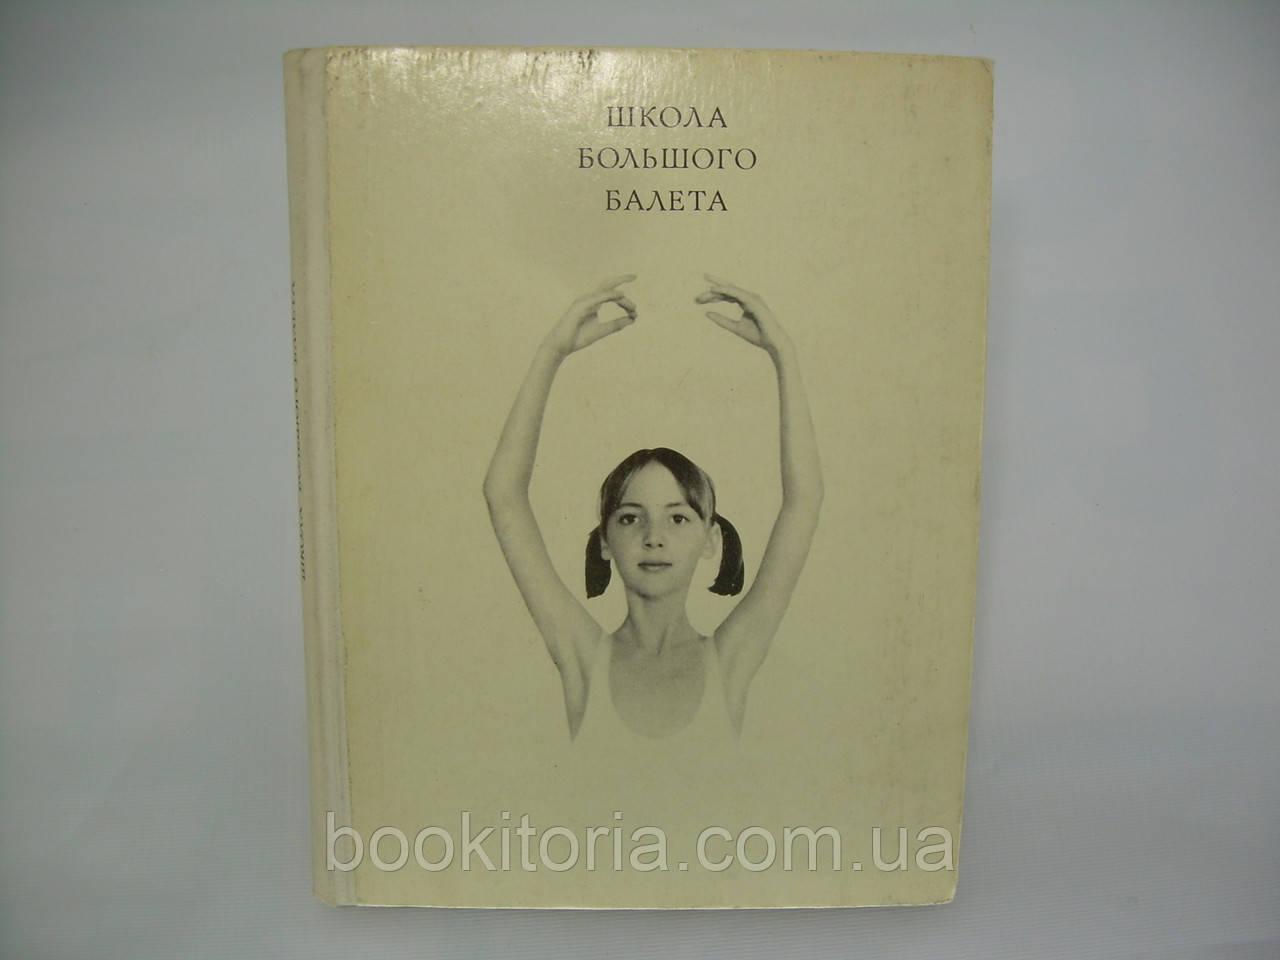 Жданов Л. Школа большого балета. Альбом (б/у)., фото 1